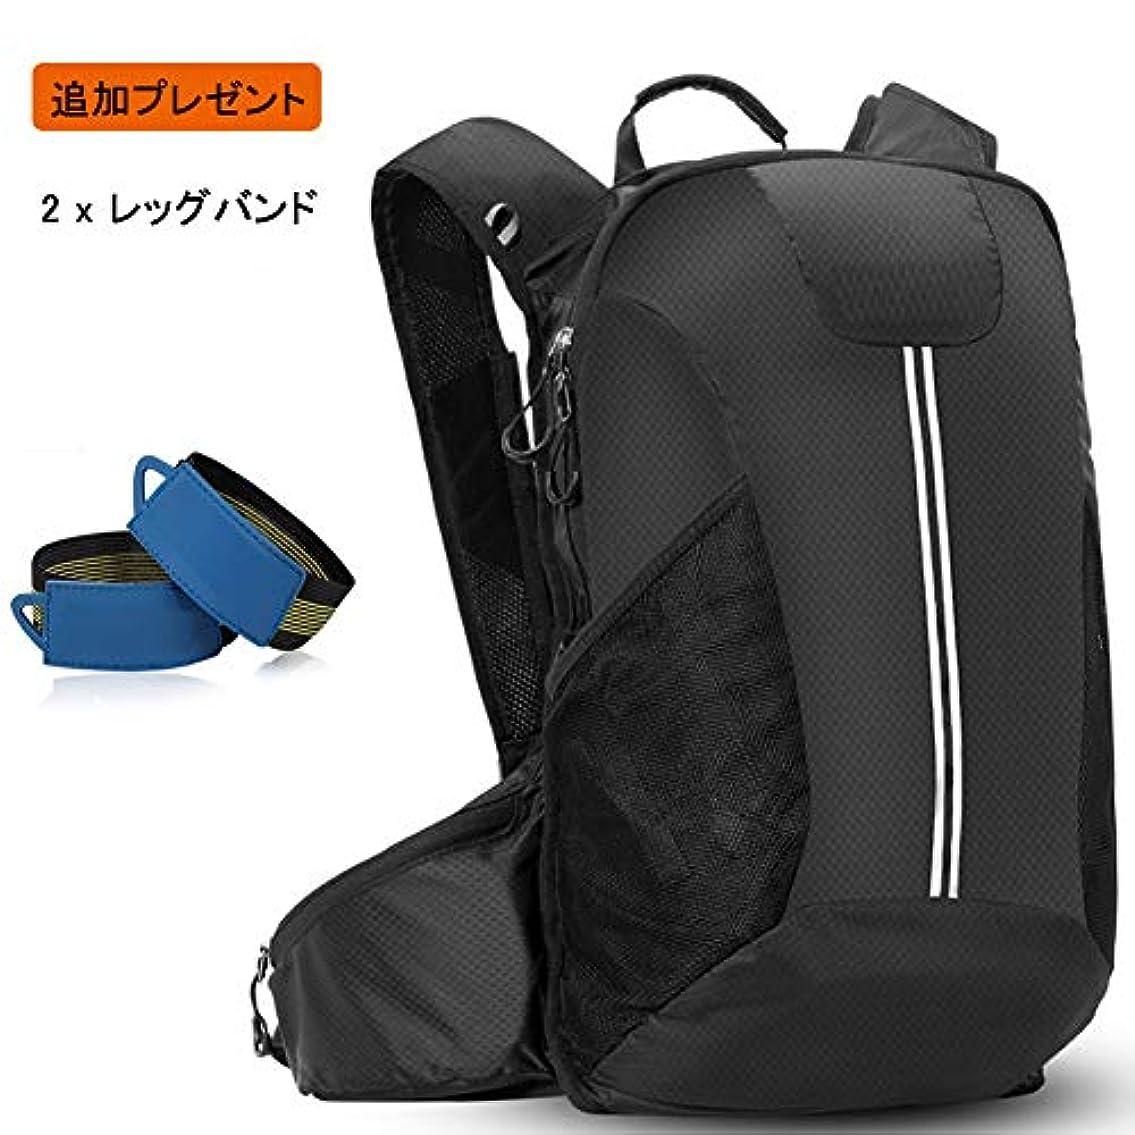 交通圧縮草リュックサック バックパック ランニングバッグ 超軽量 自転車 バッグ アウトドアスポーツバッグ 登山 2L 給水袋とレインカバー付き